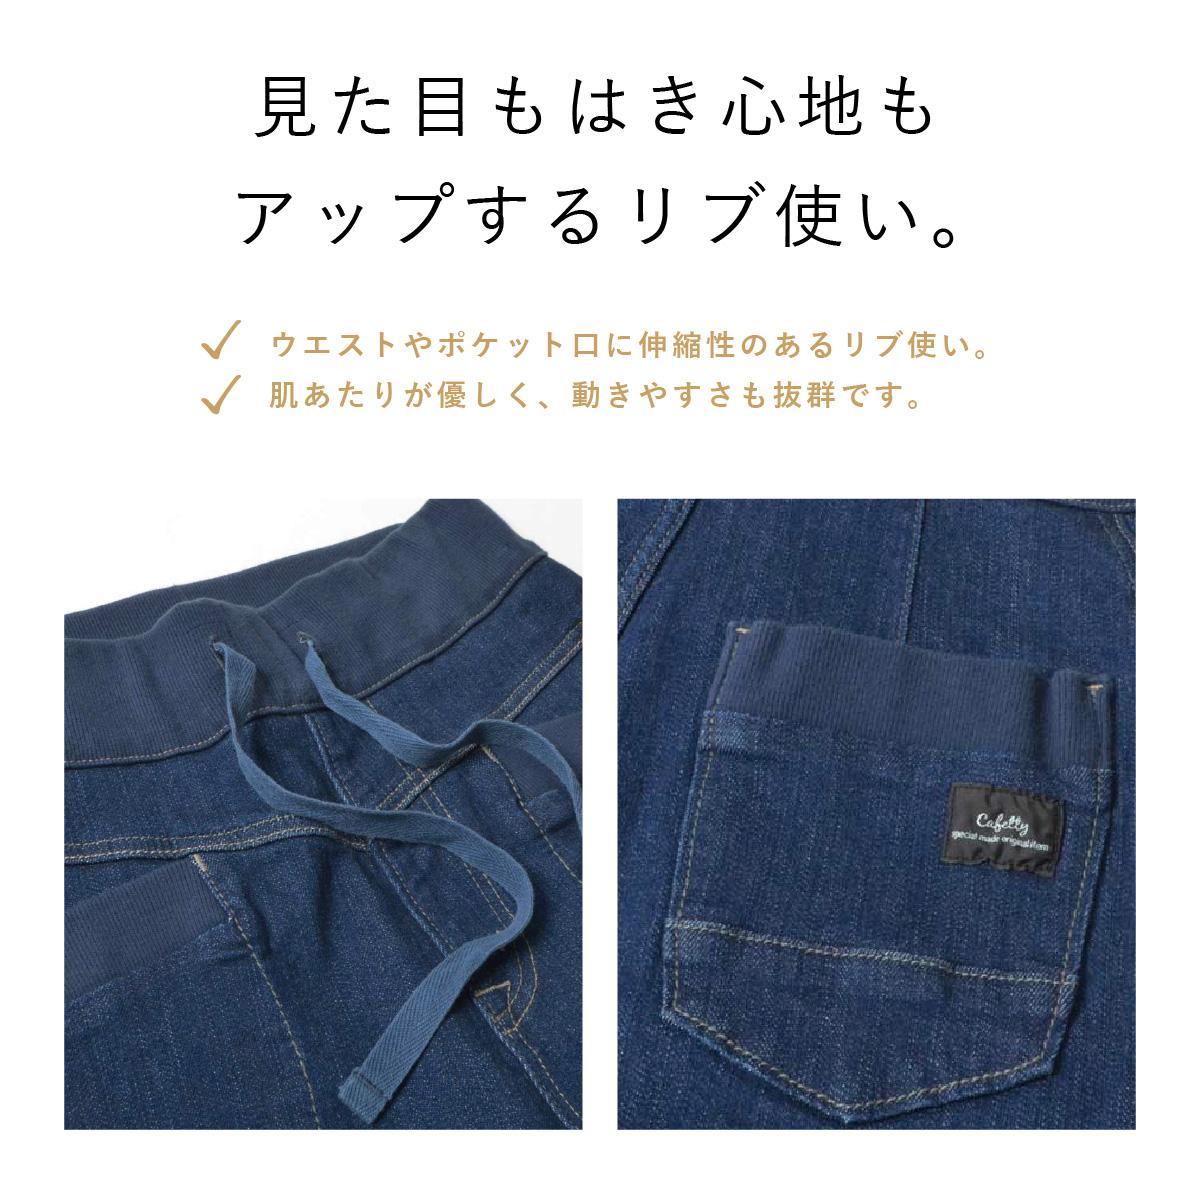 \全品ポイント5倍/Cafetty ストレッチデニムサルエルスキニー CF0277